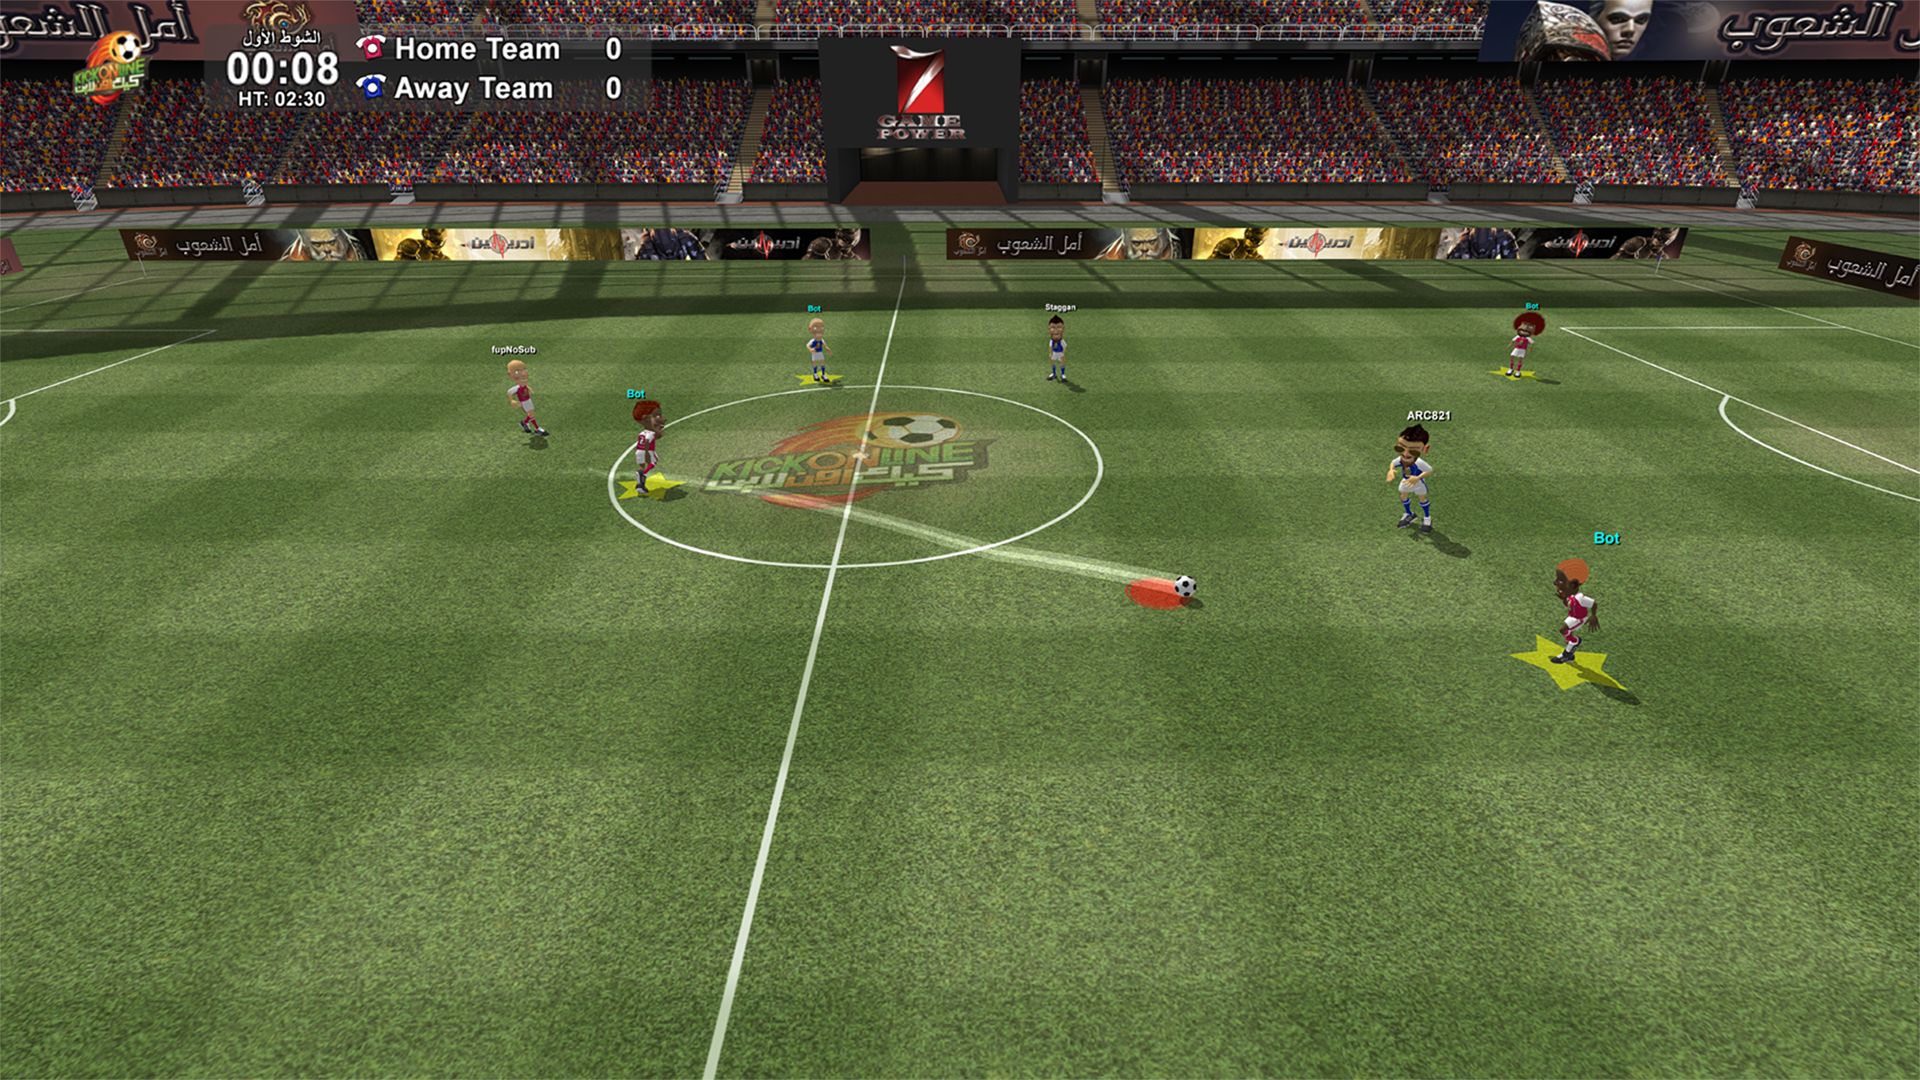 لعبة اونلاين (United Football) بوابة 2014,2015 screen2.png